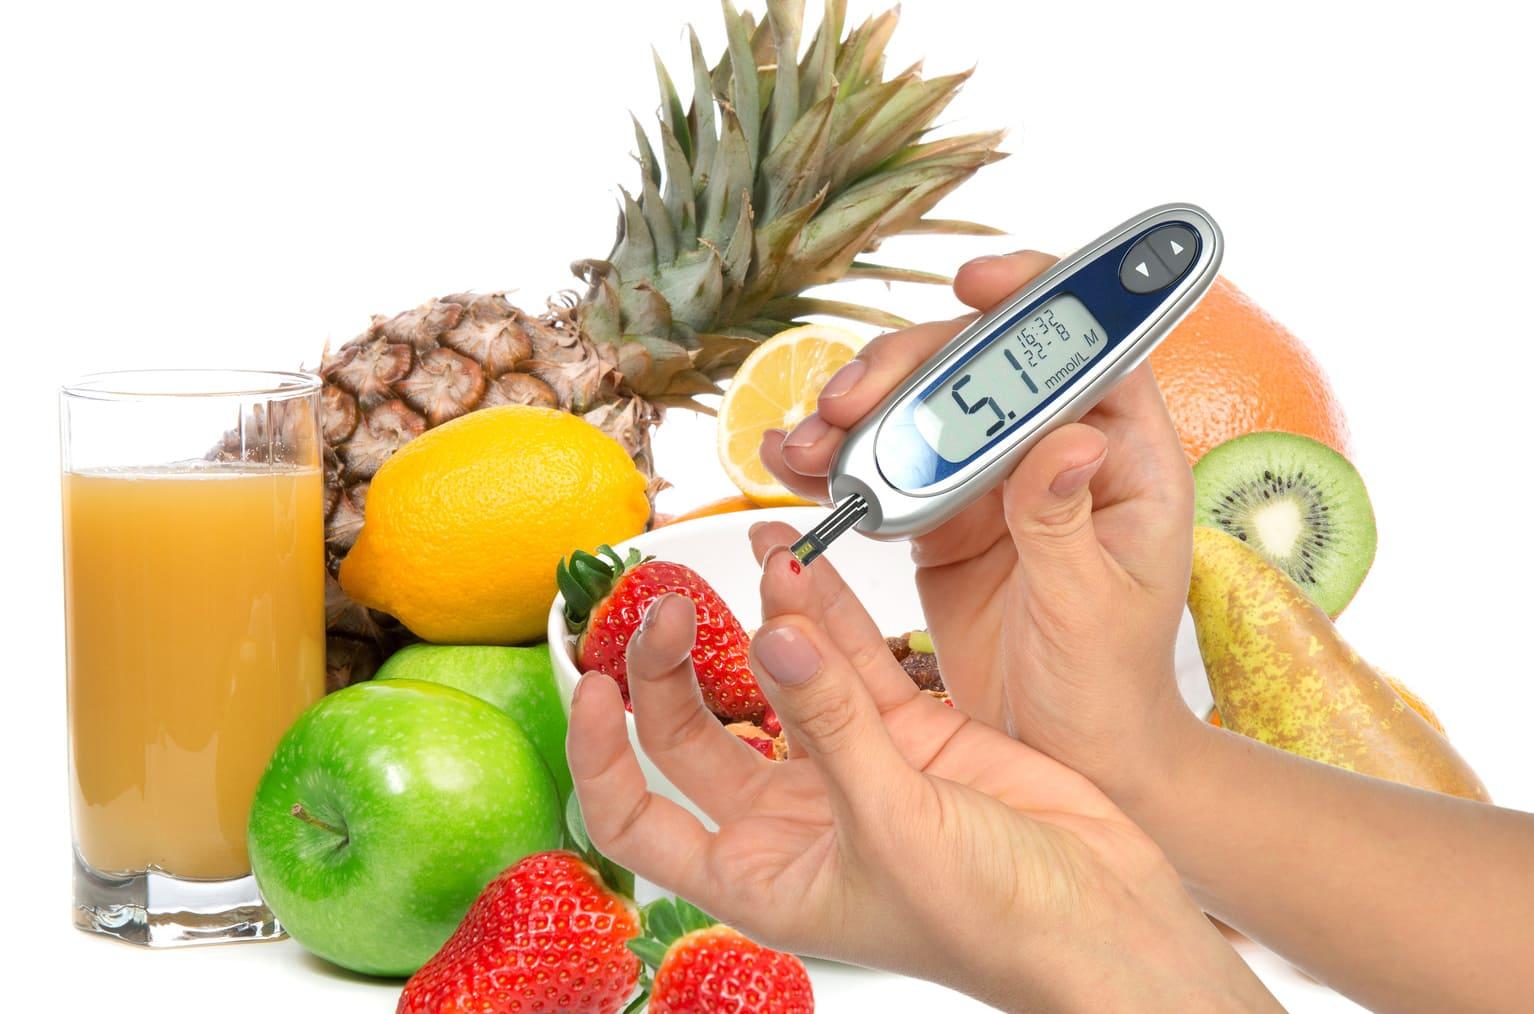 Ананас. Хворым на цукровы дыябет таксама можна.